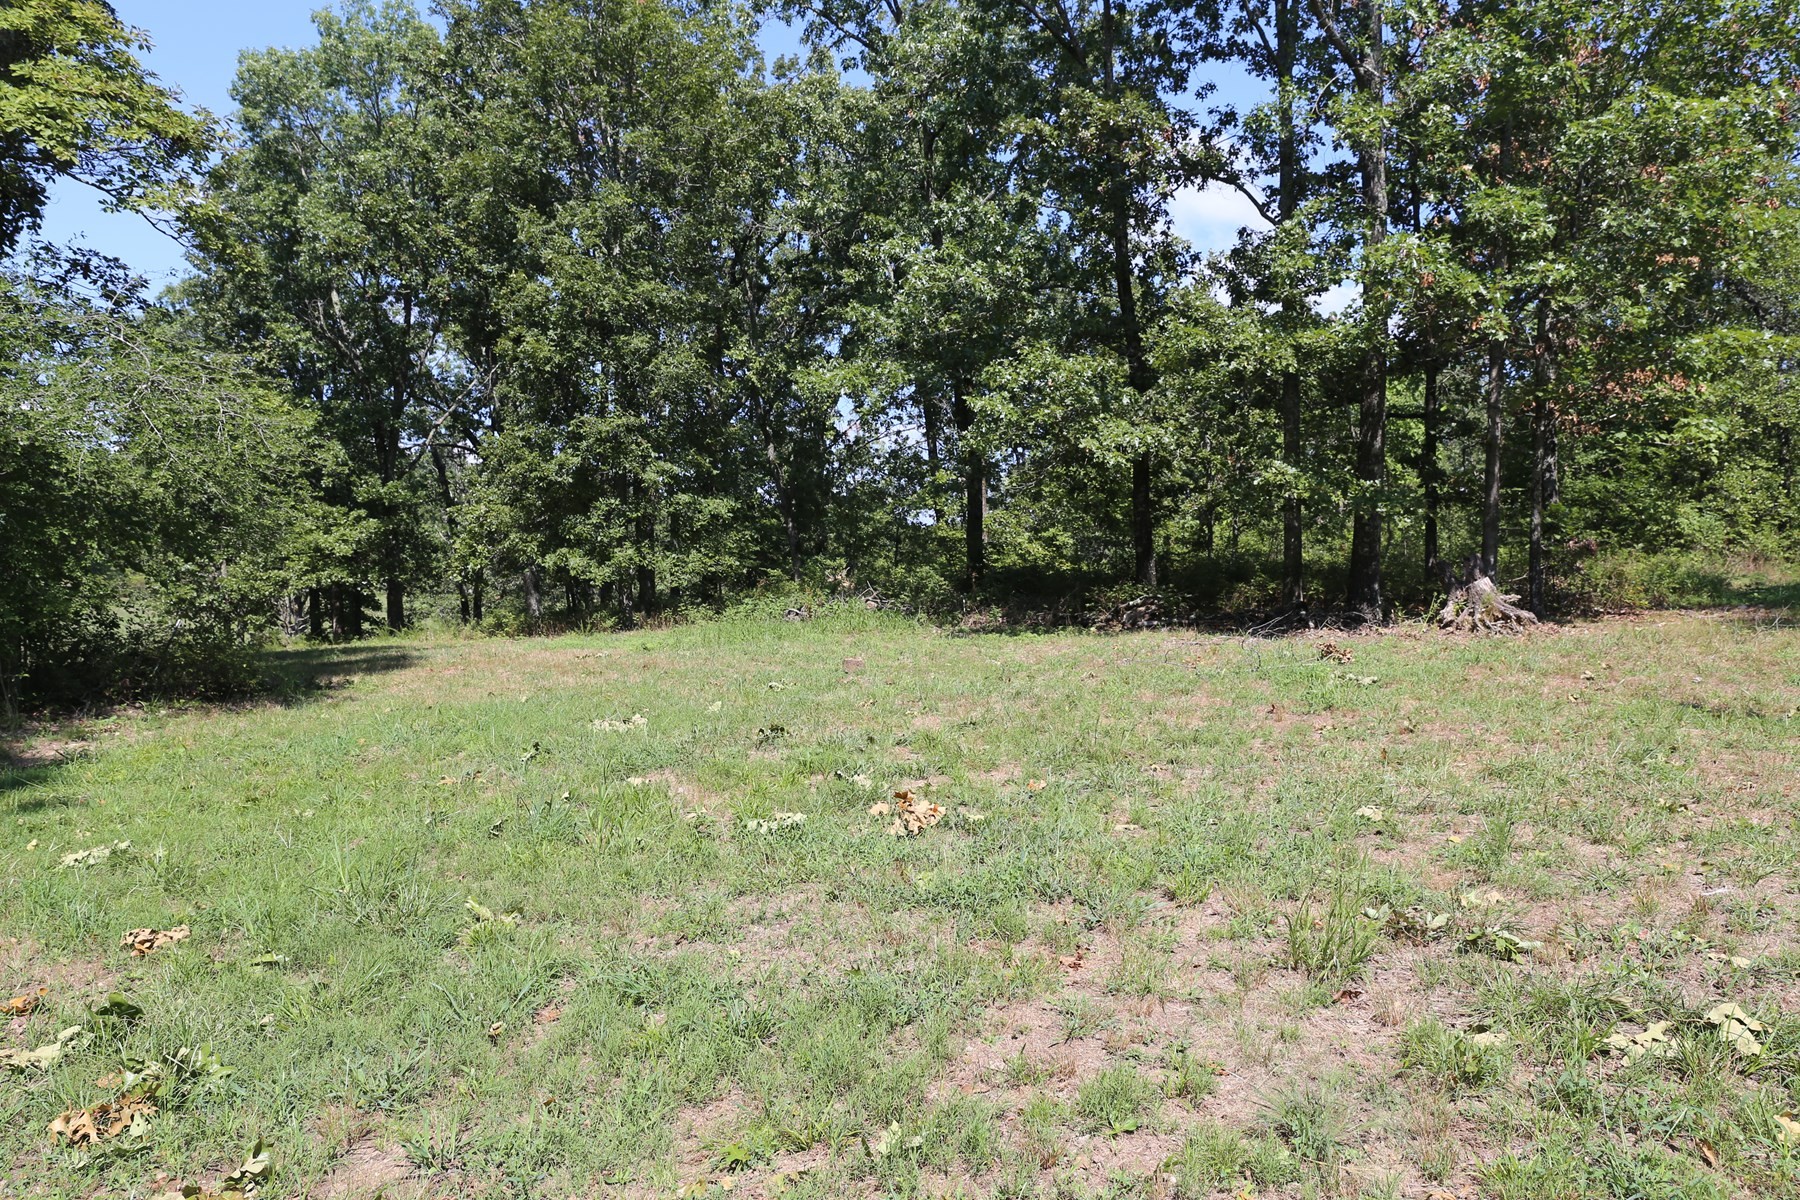 West Plains, Missouri Residential Lots for Sale - 4+ Acres